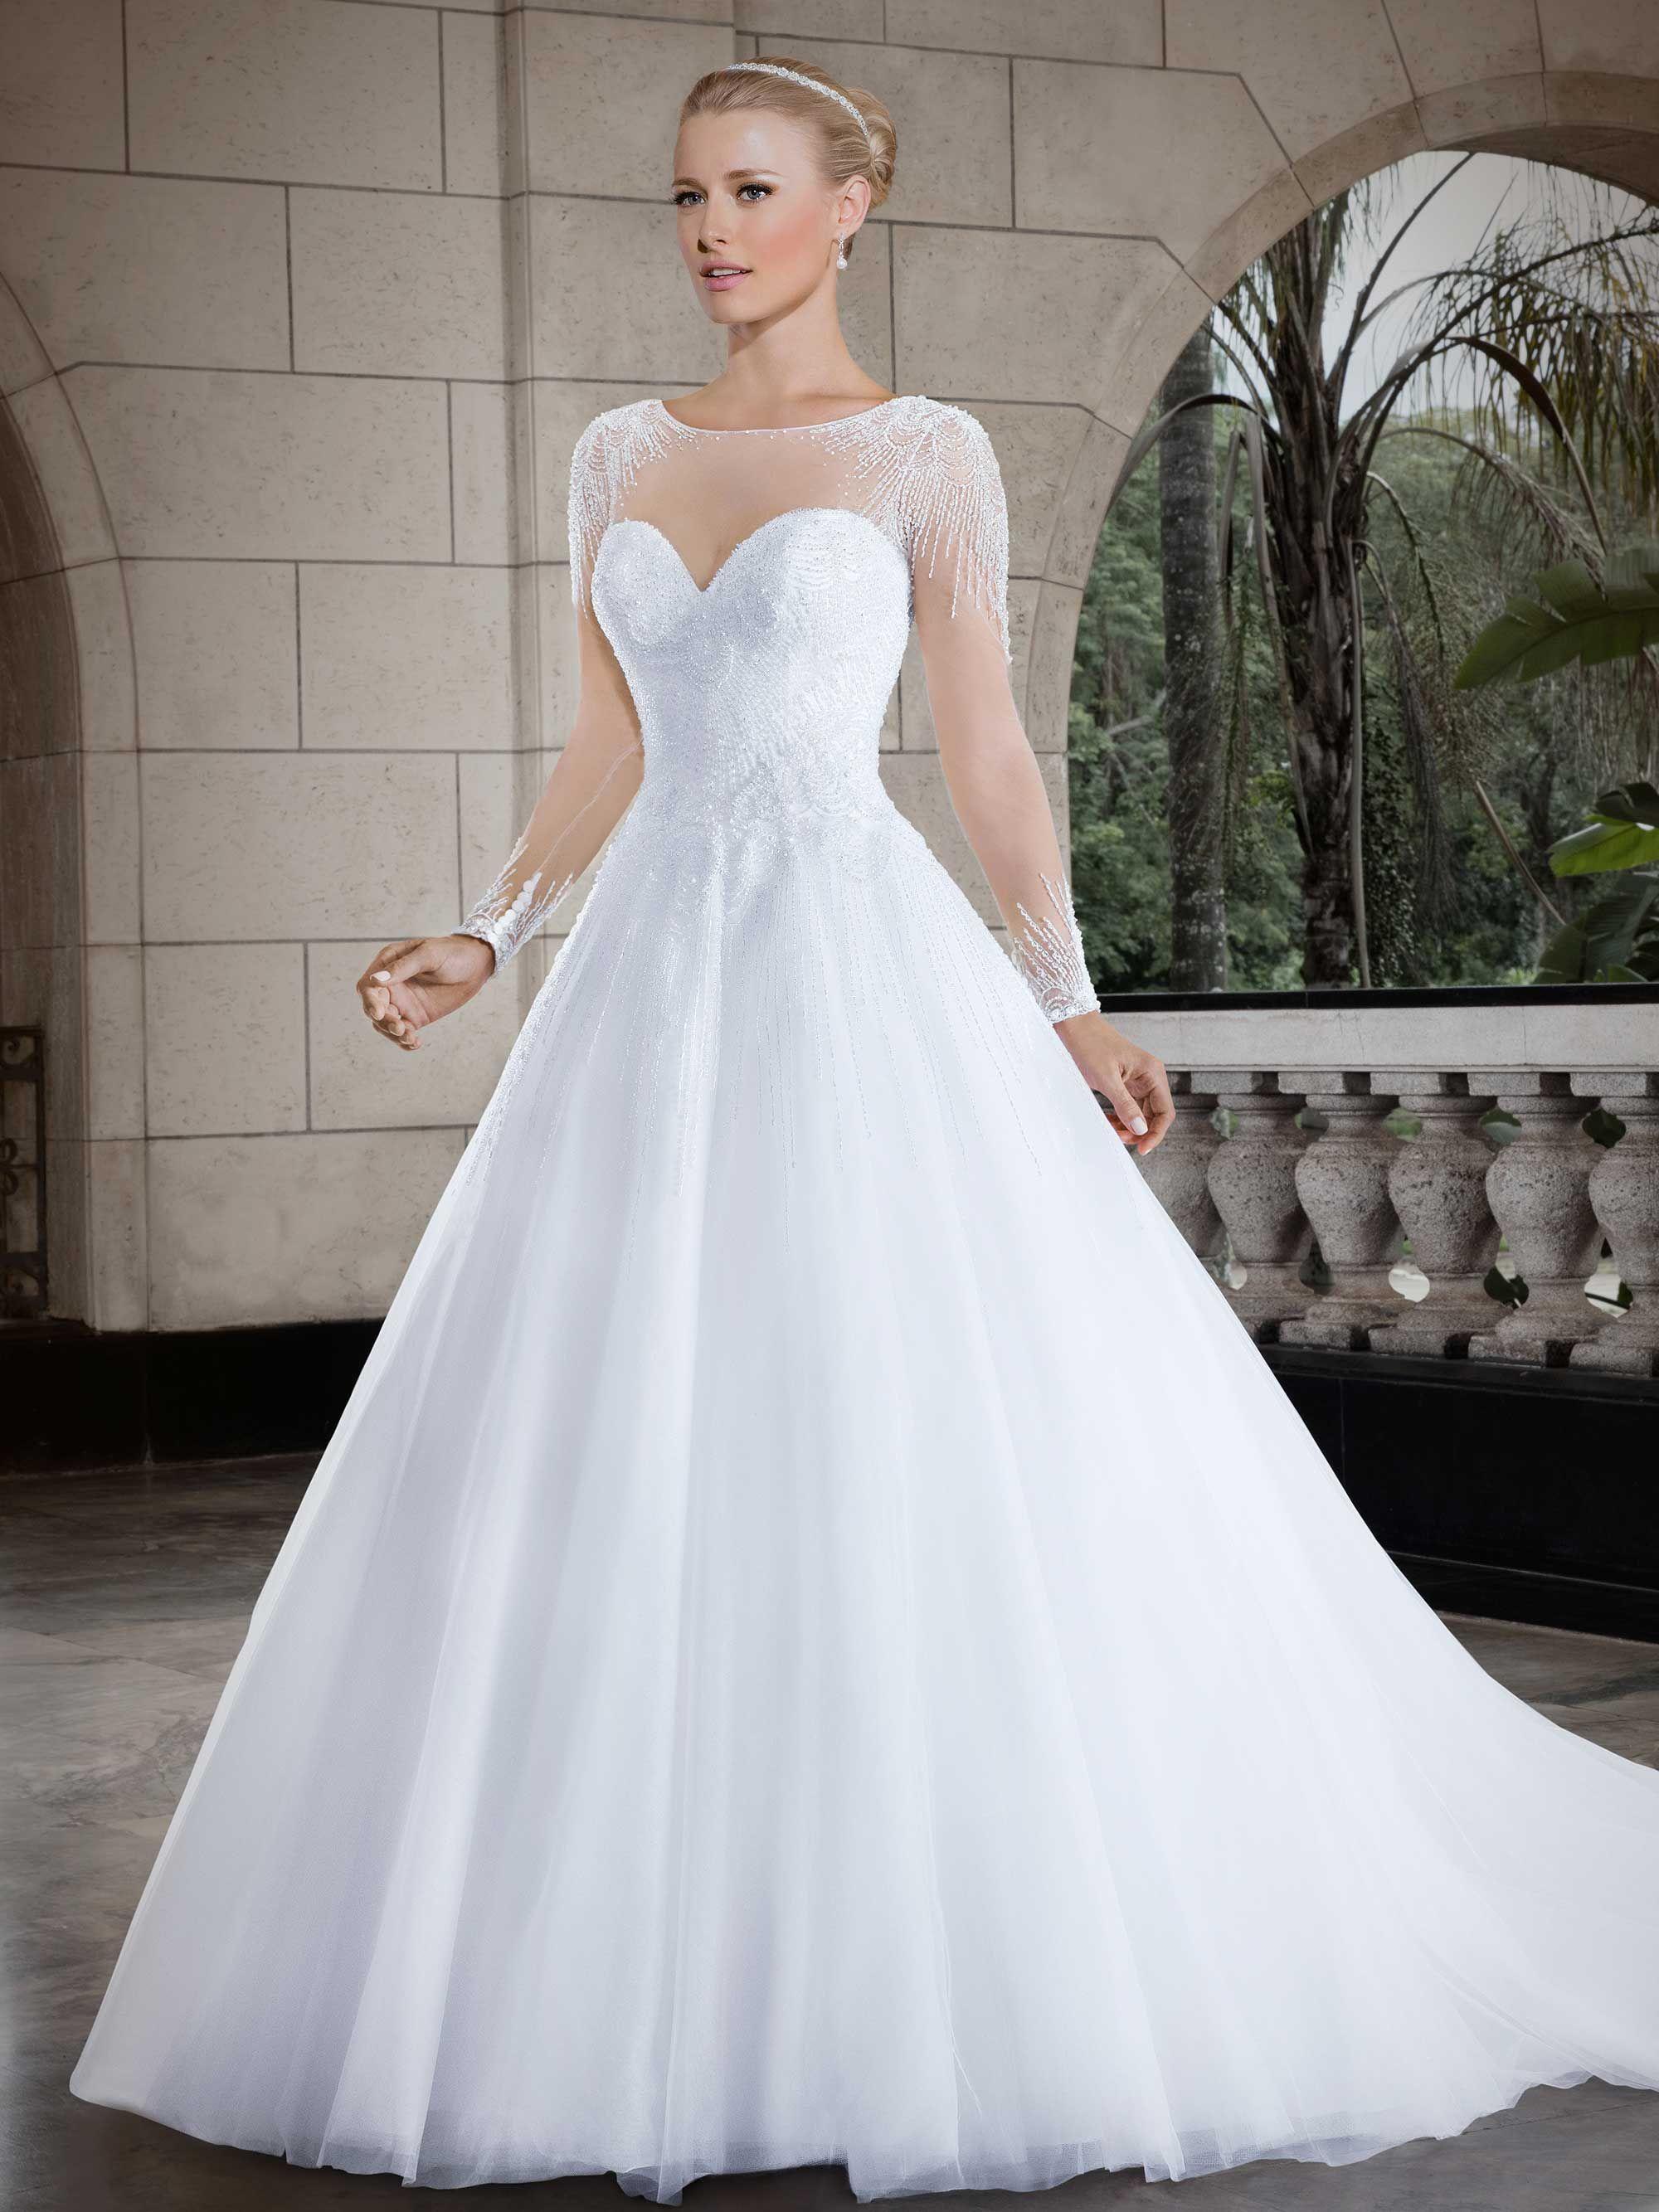 Conheça mais sobre esta coleção de vestidos de noiva - Coleção ...